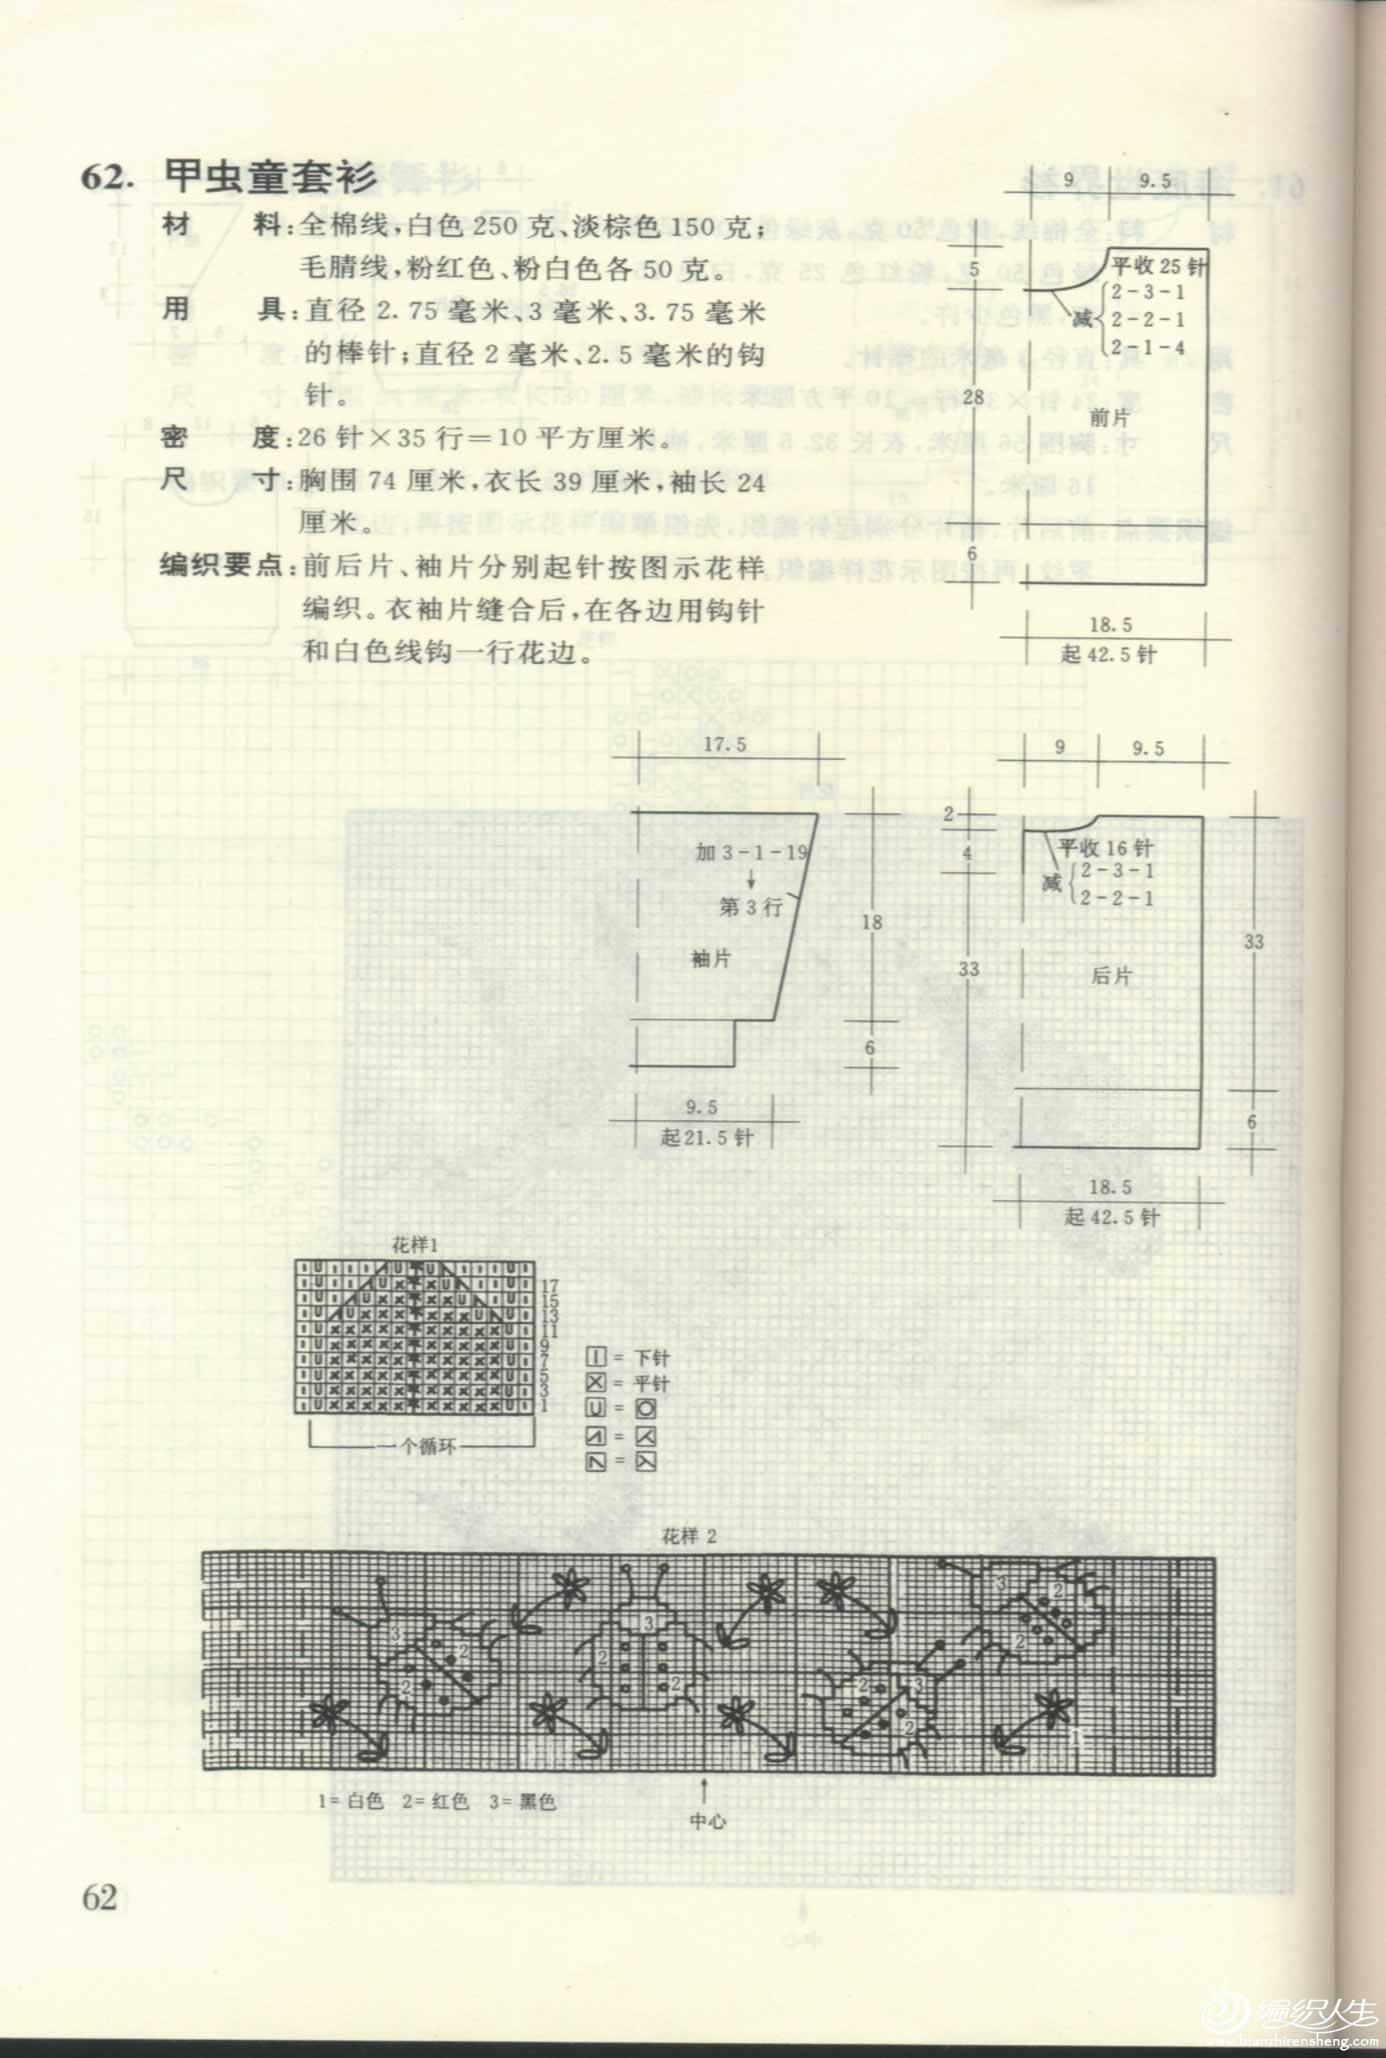 33_24803.jpg